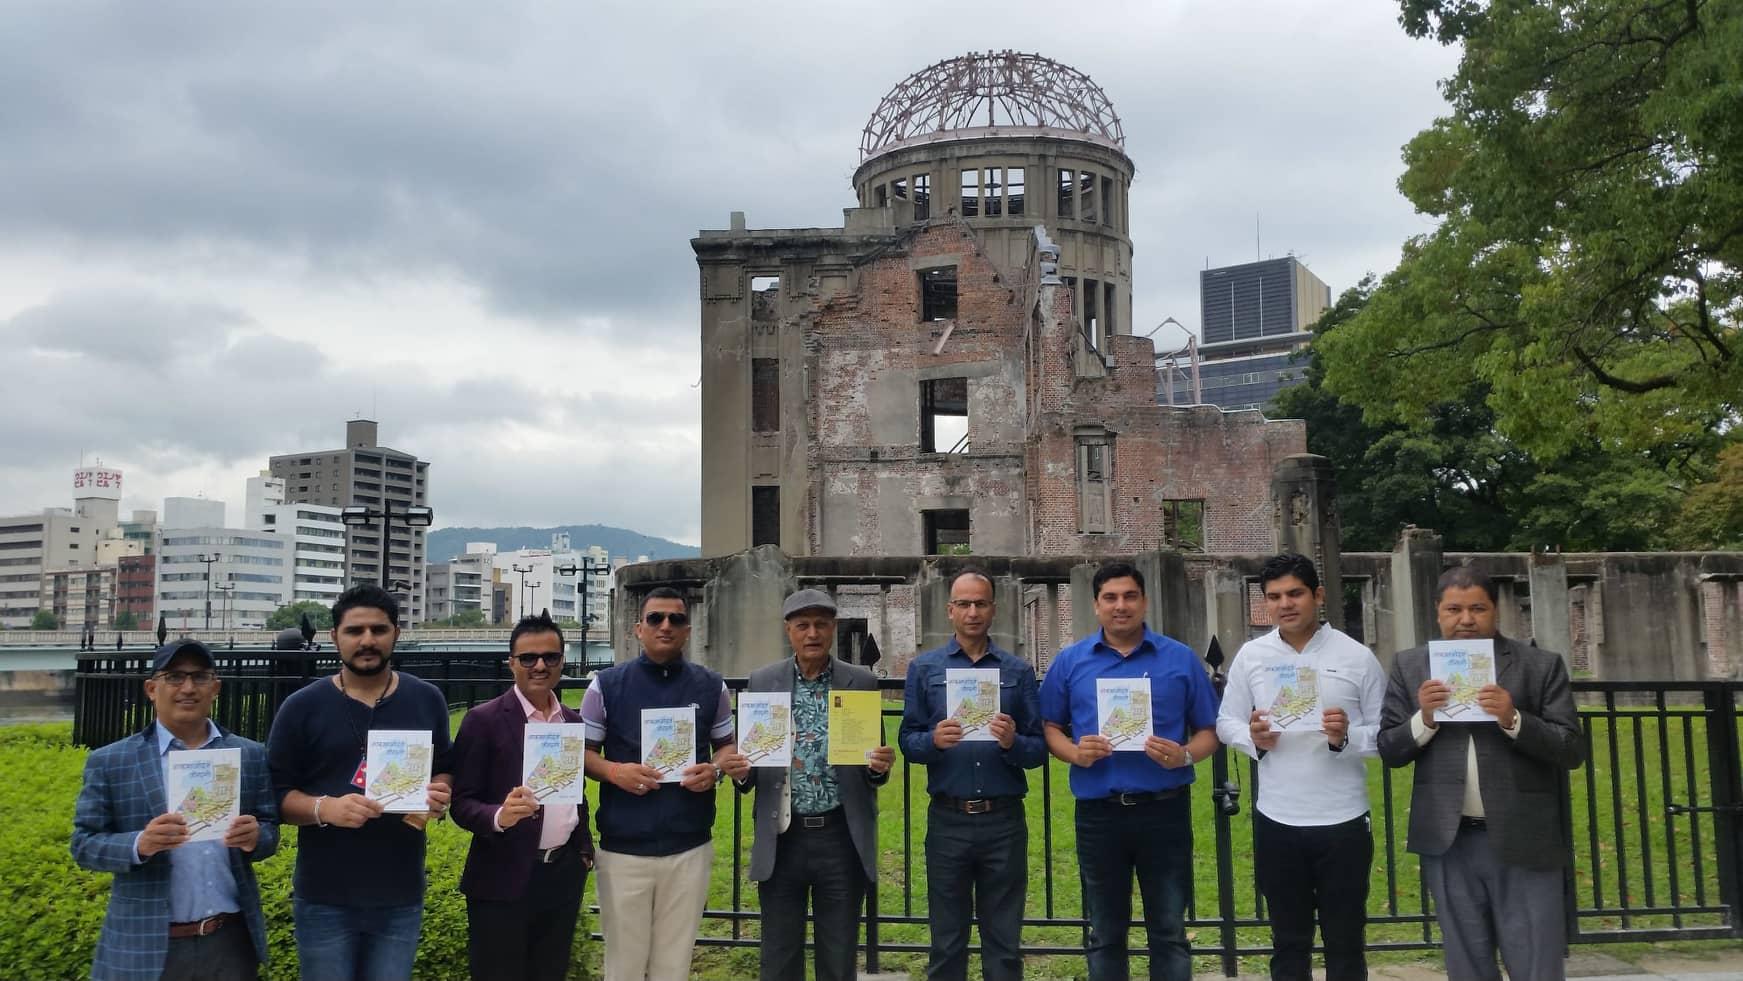 विजयराजको ८५ औं बालकृति 'आकाश ओढ्ने जिन्दगी' जापानबाट